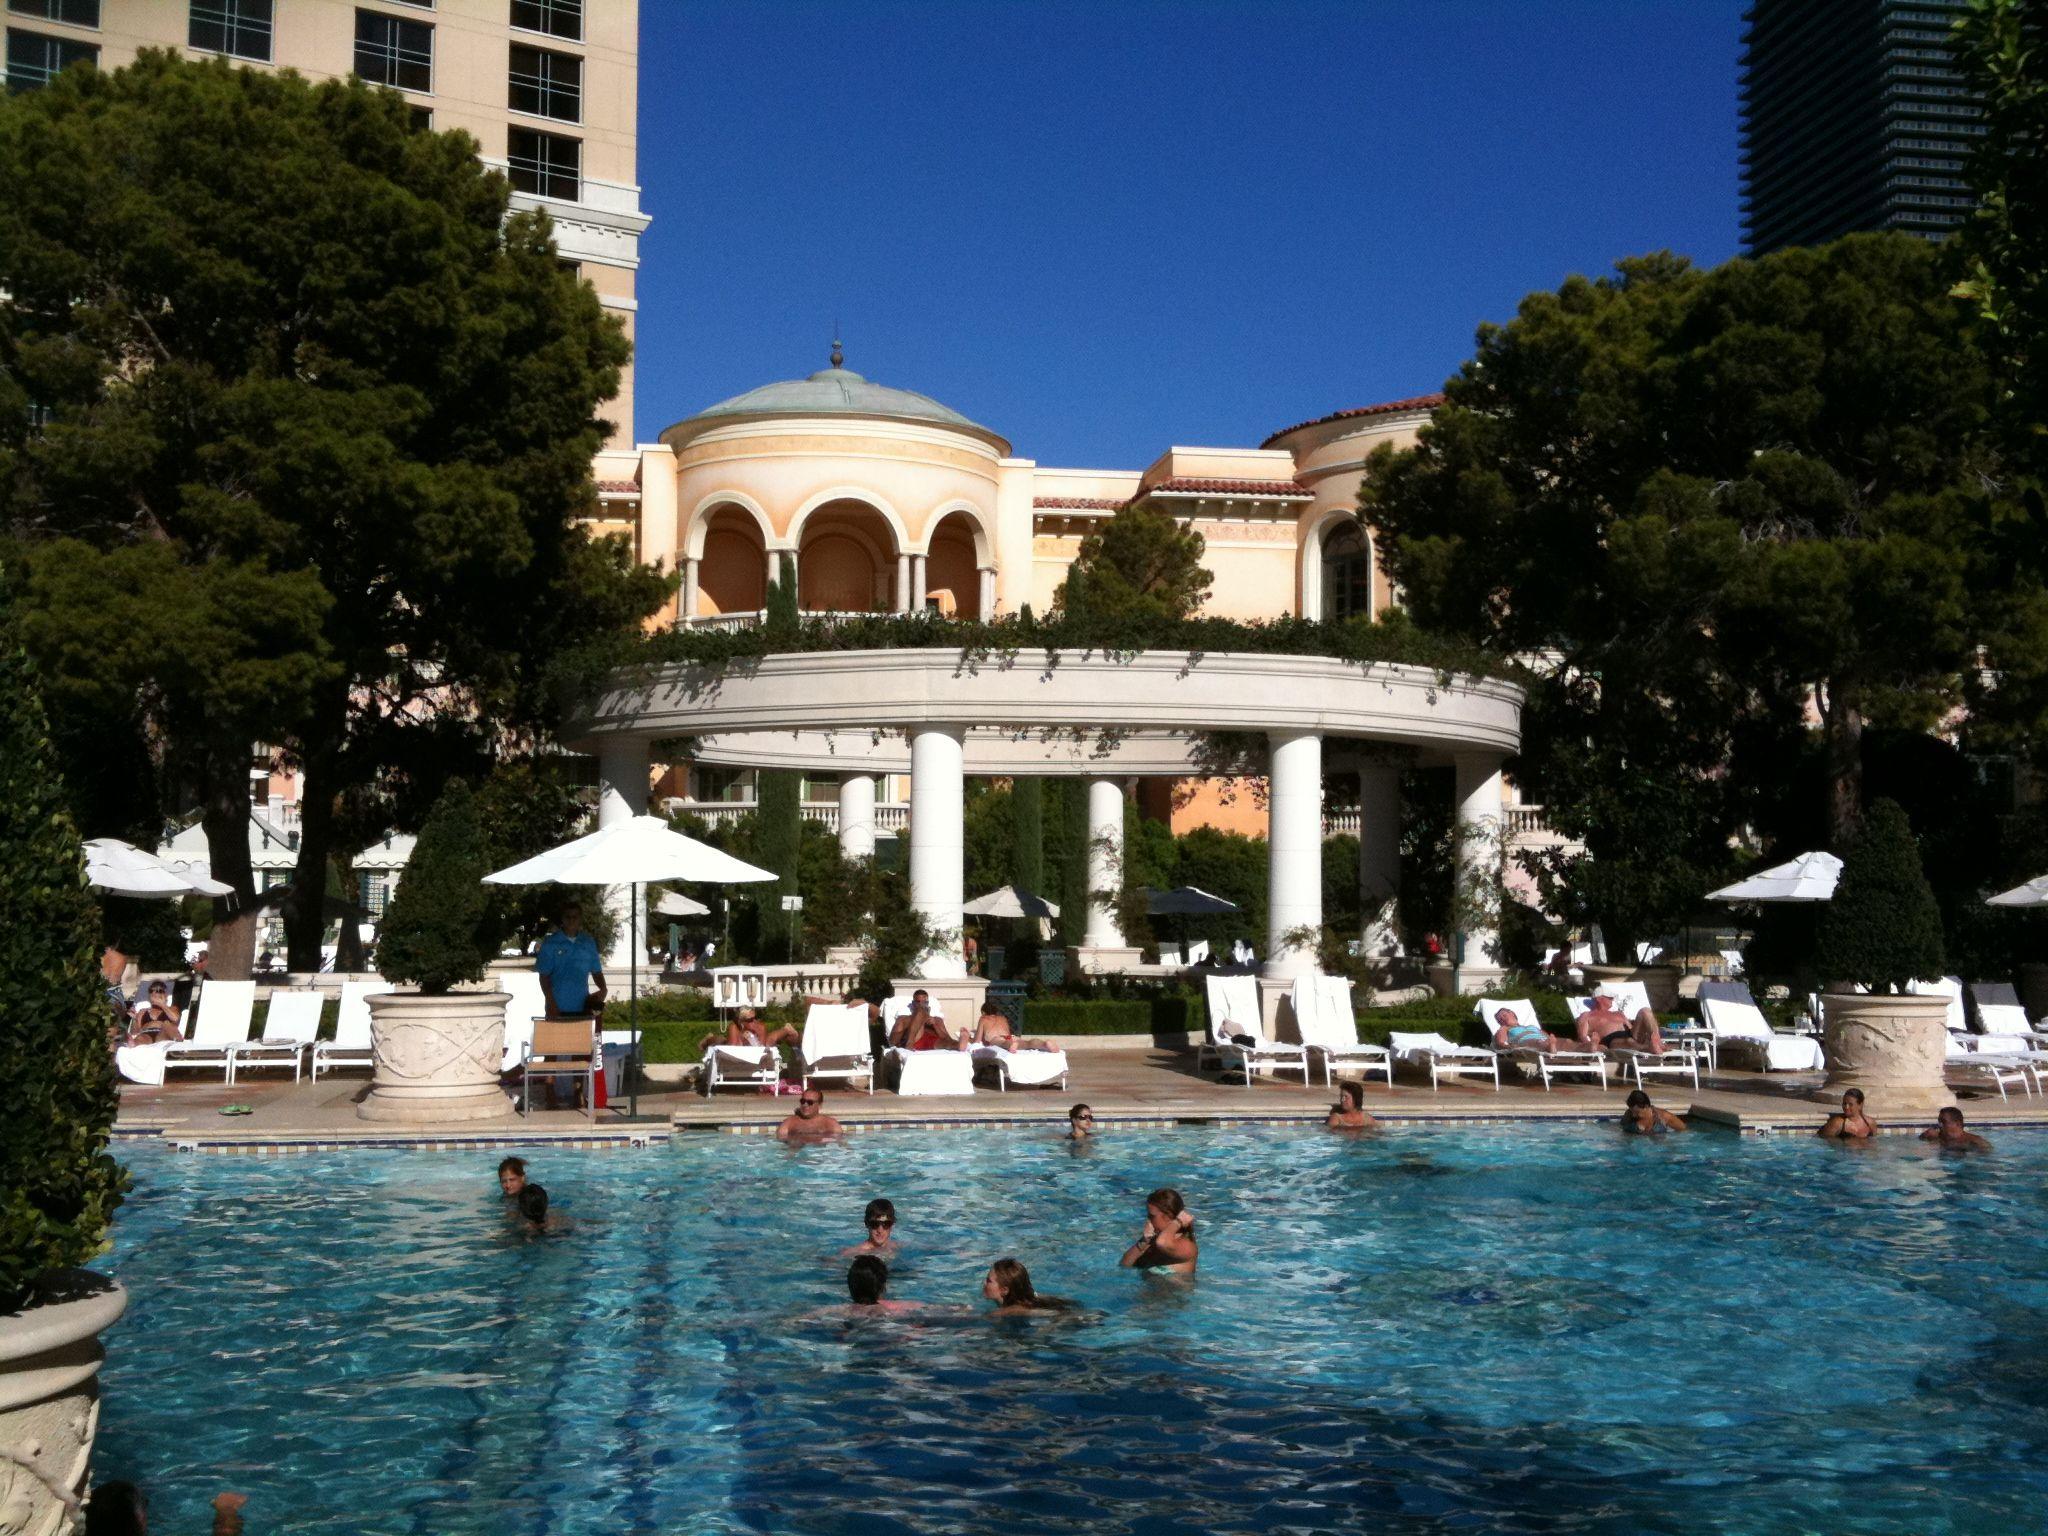 Vegas Pools Bellagio Cabana Pergola Pictures Vegas Pools Pergola On The Roof